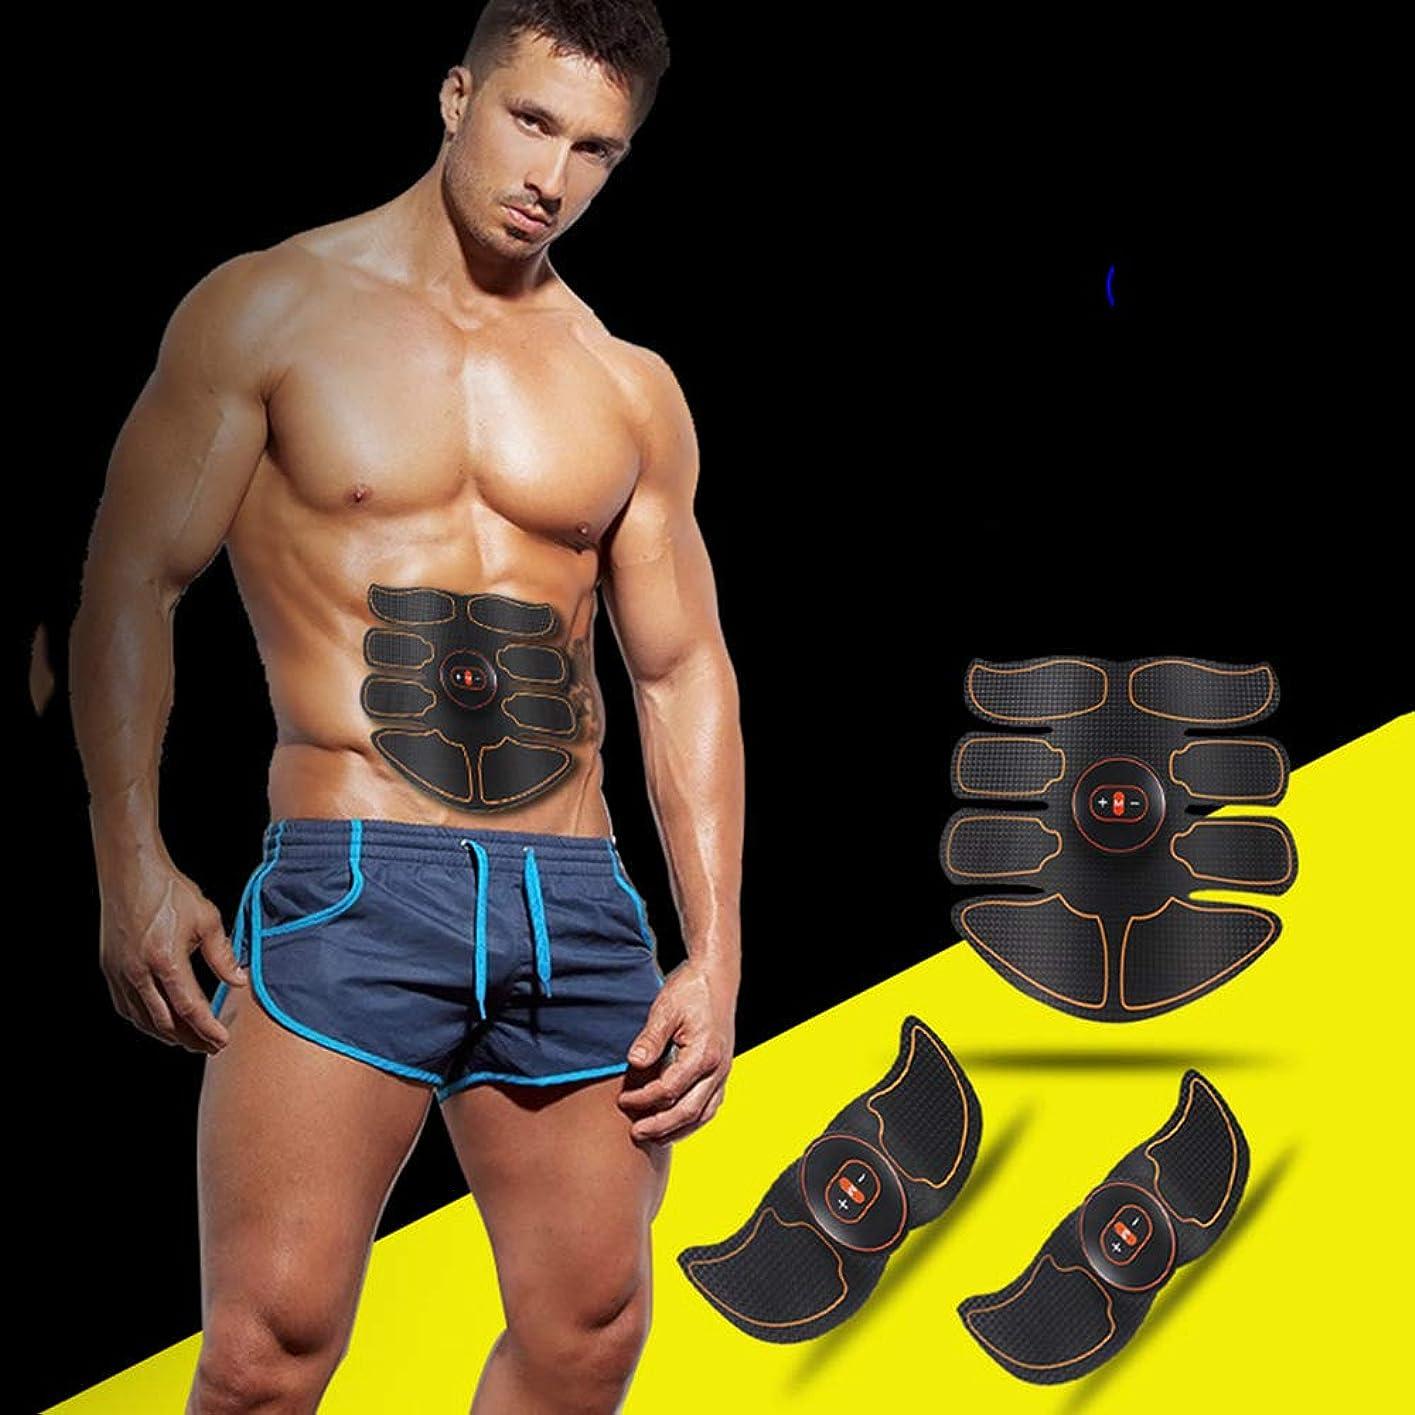 も海峡ひも前にUSB電気腹筋トレーニング装置EMS筋刺激器腹筋ウエスト減量マッサージャースポーツフィットネス機器ユニセックス,Yellow